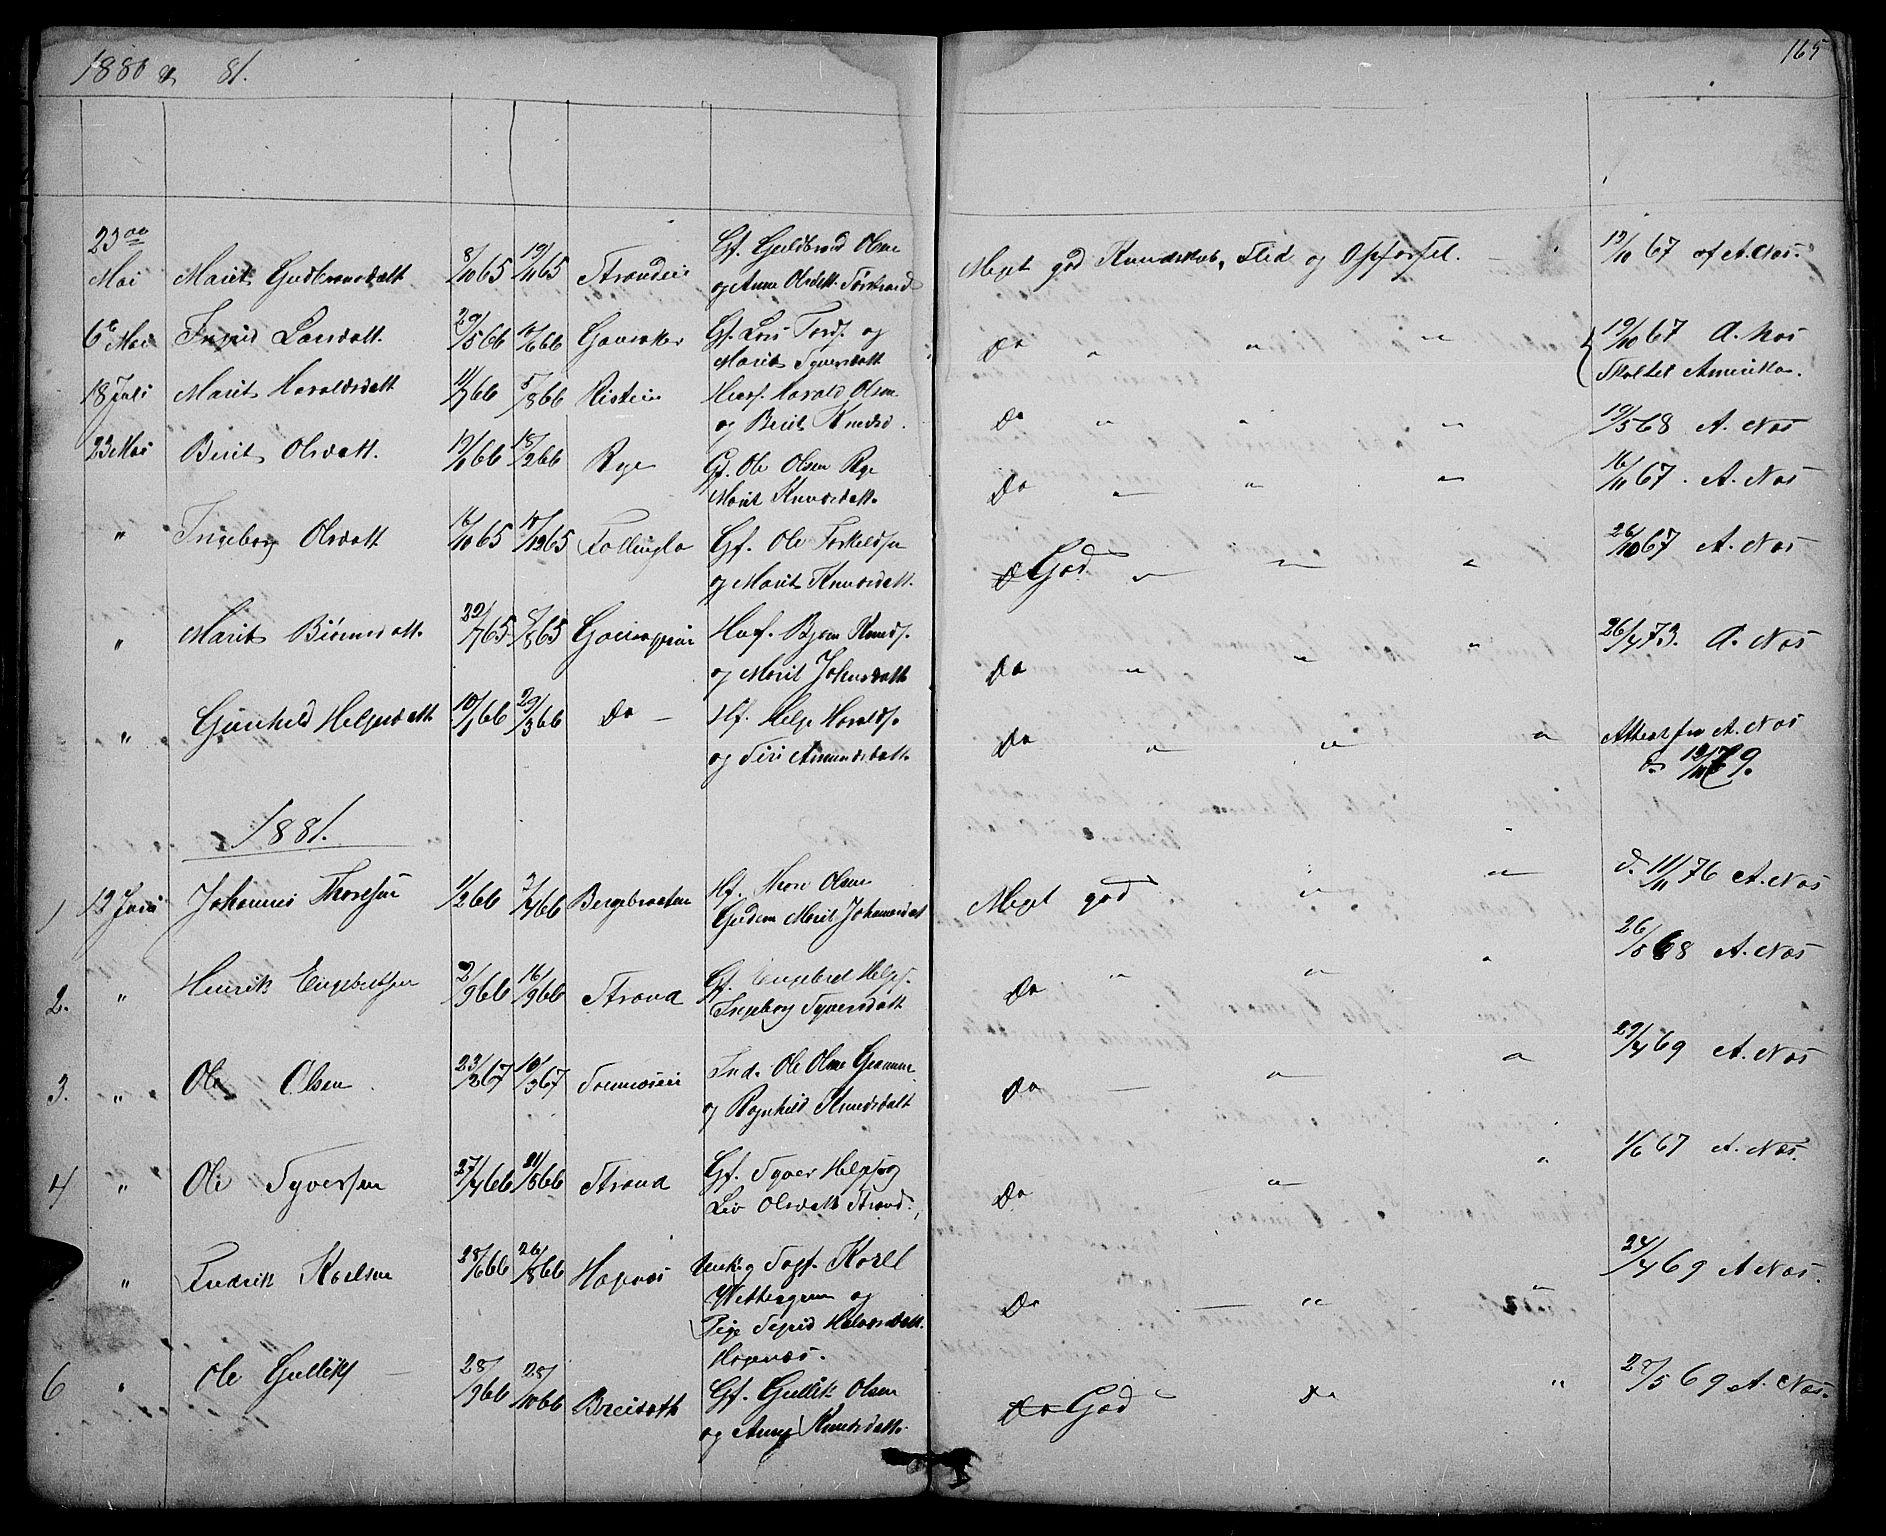 SAH, Nord-Aurdal prestekontor, Klokkerbok nr. 3, 1842-1882, s. 165